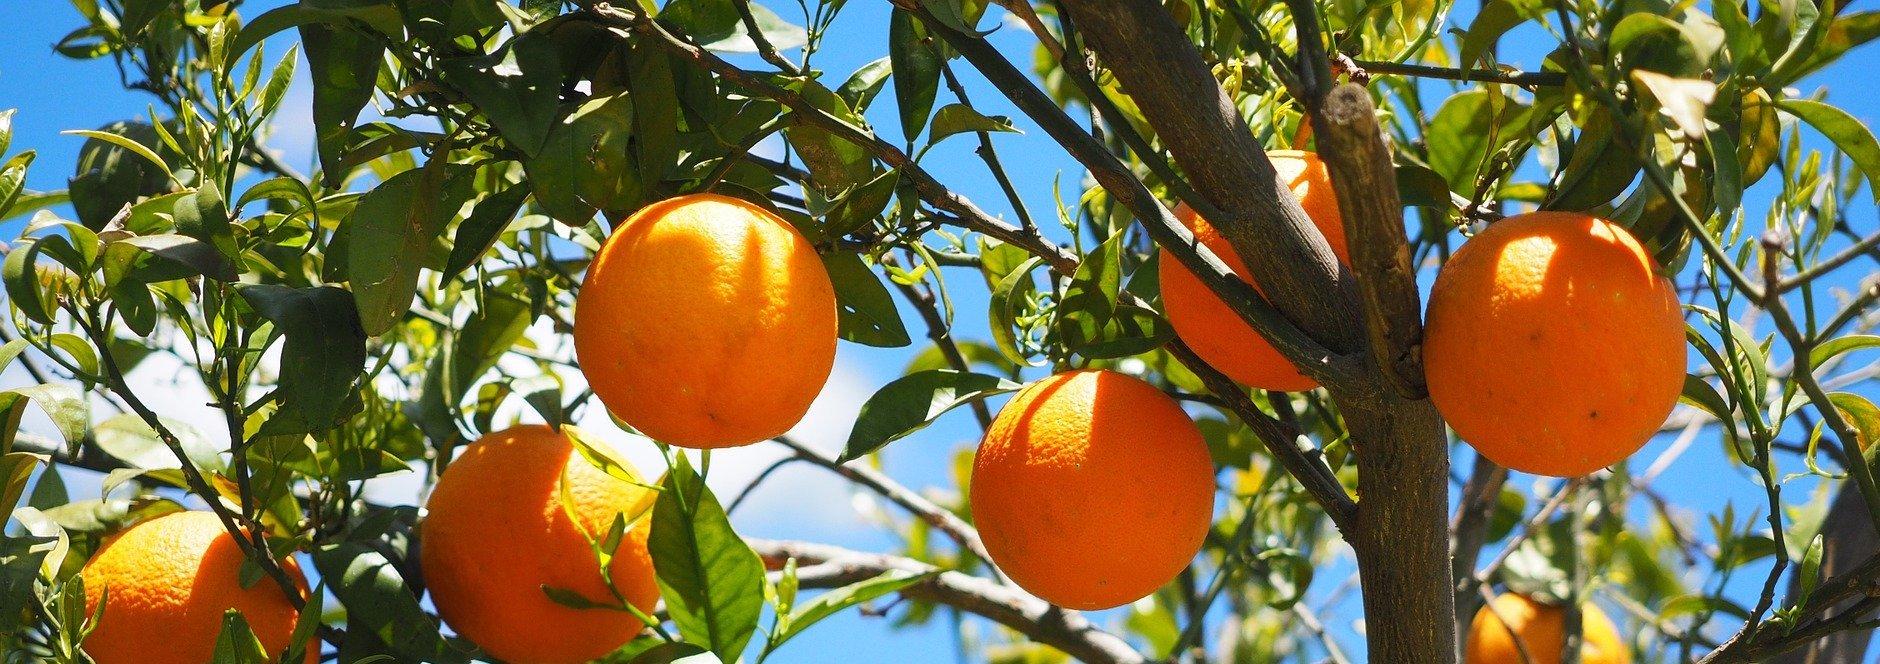 La marmelade d'oranges bio